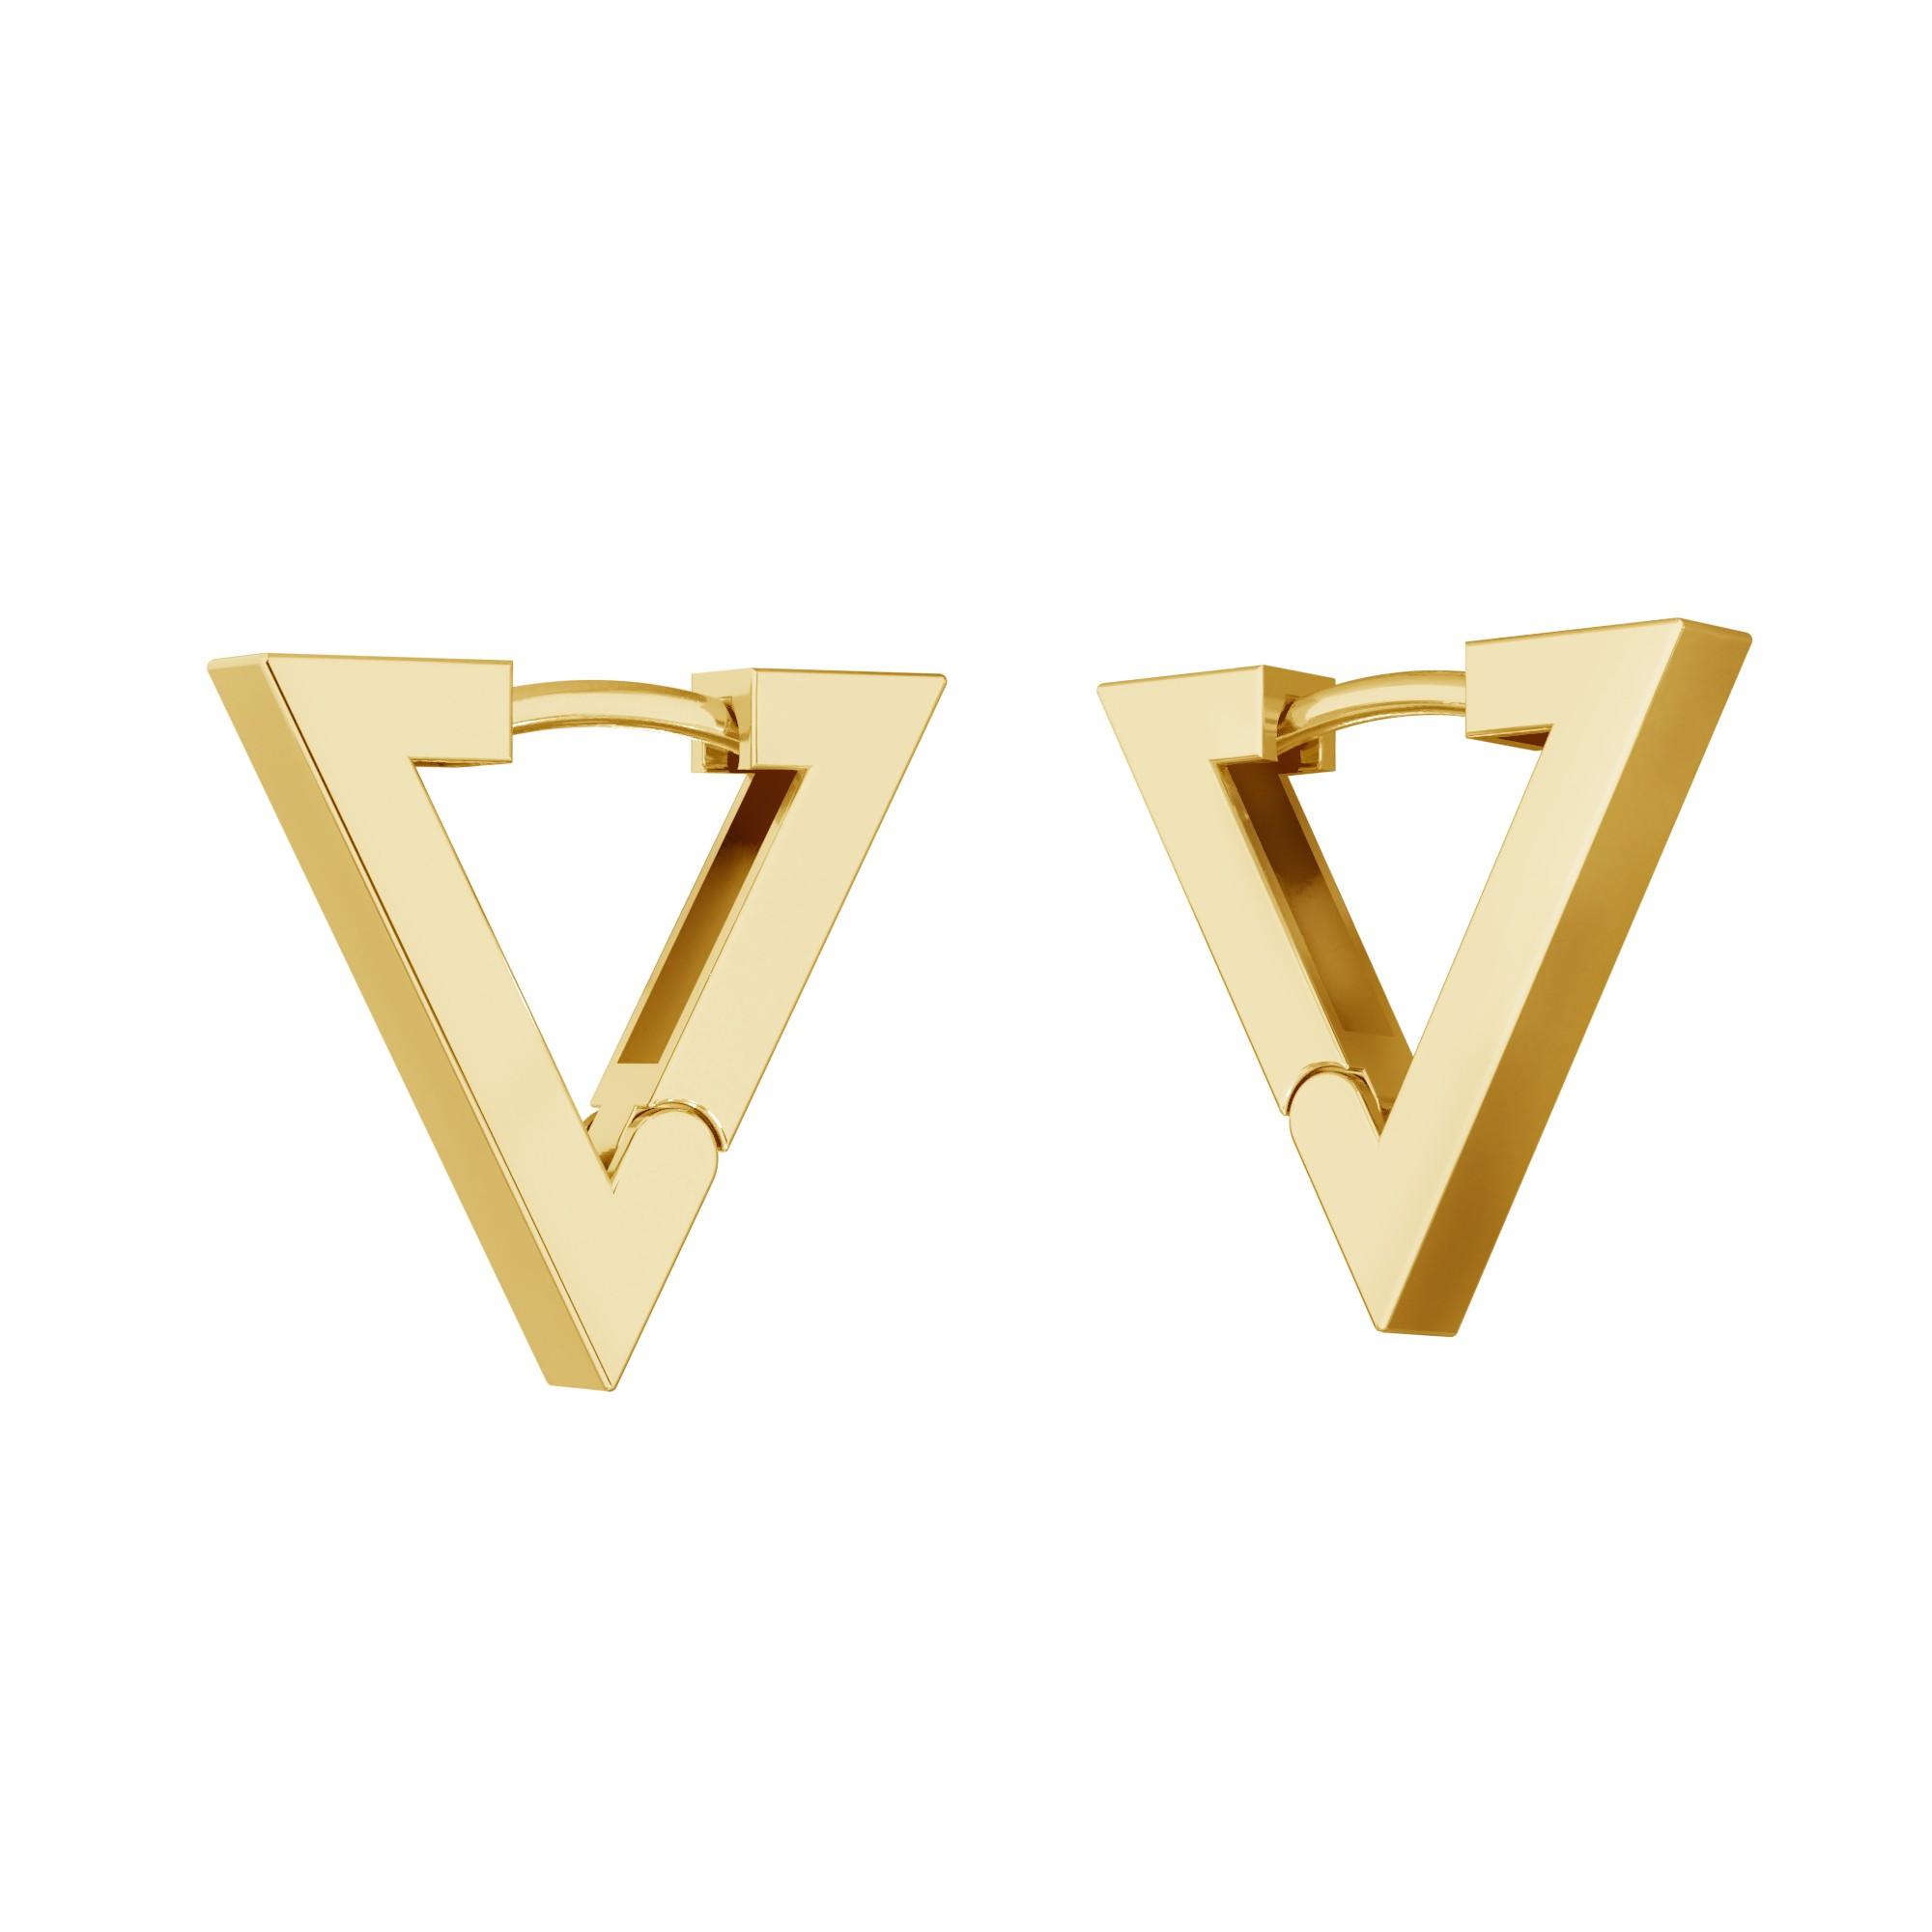 Kolczyki geometryczne trójkąty - małe , srebro 925